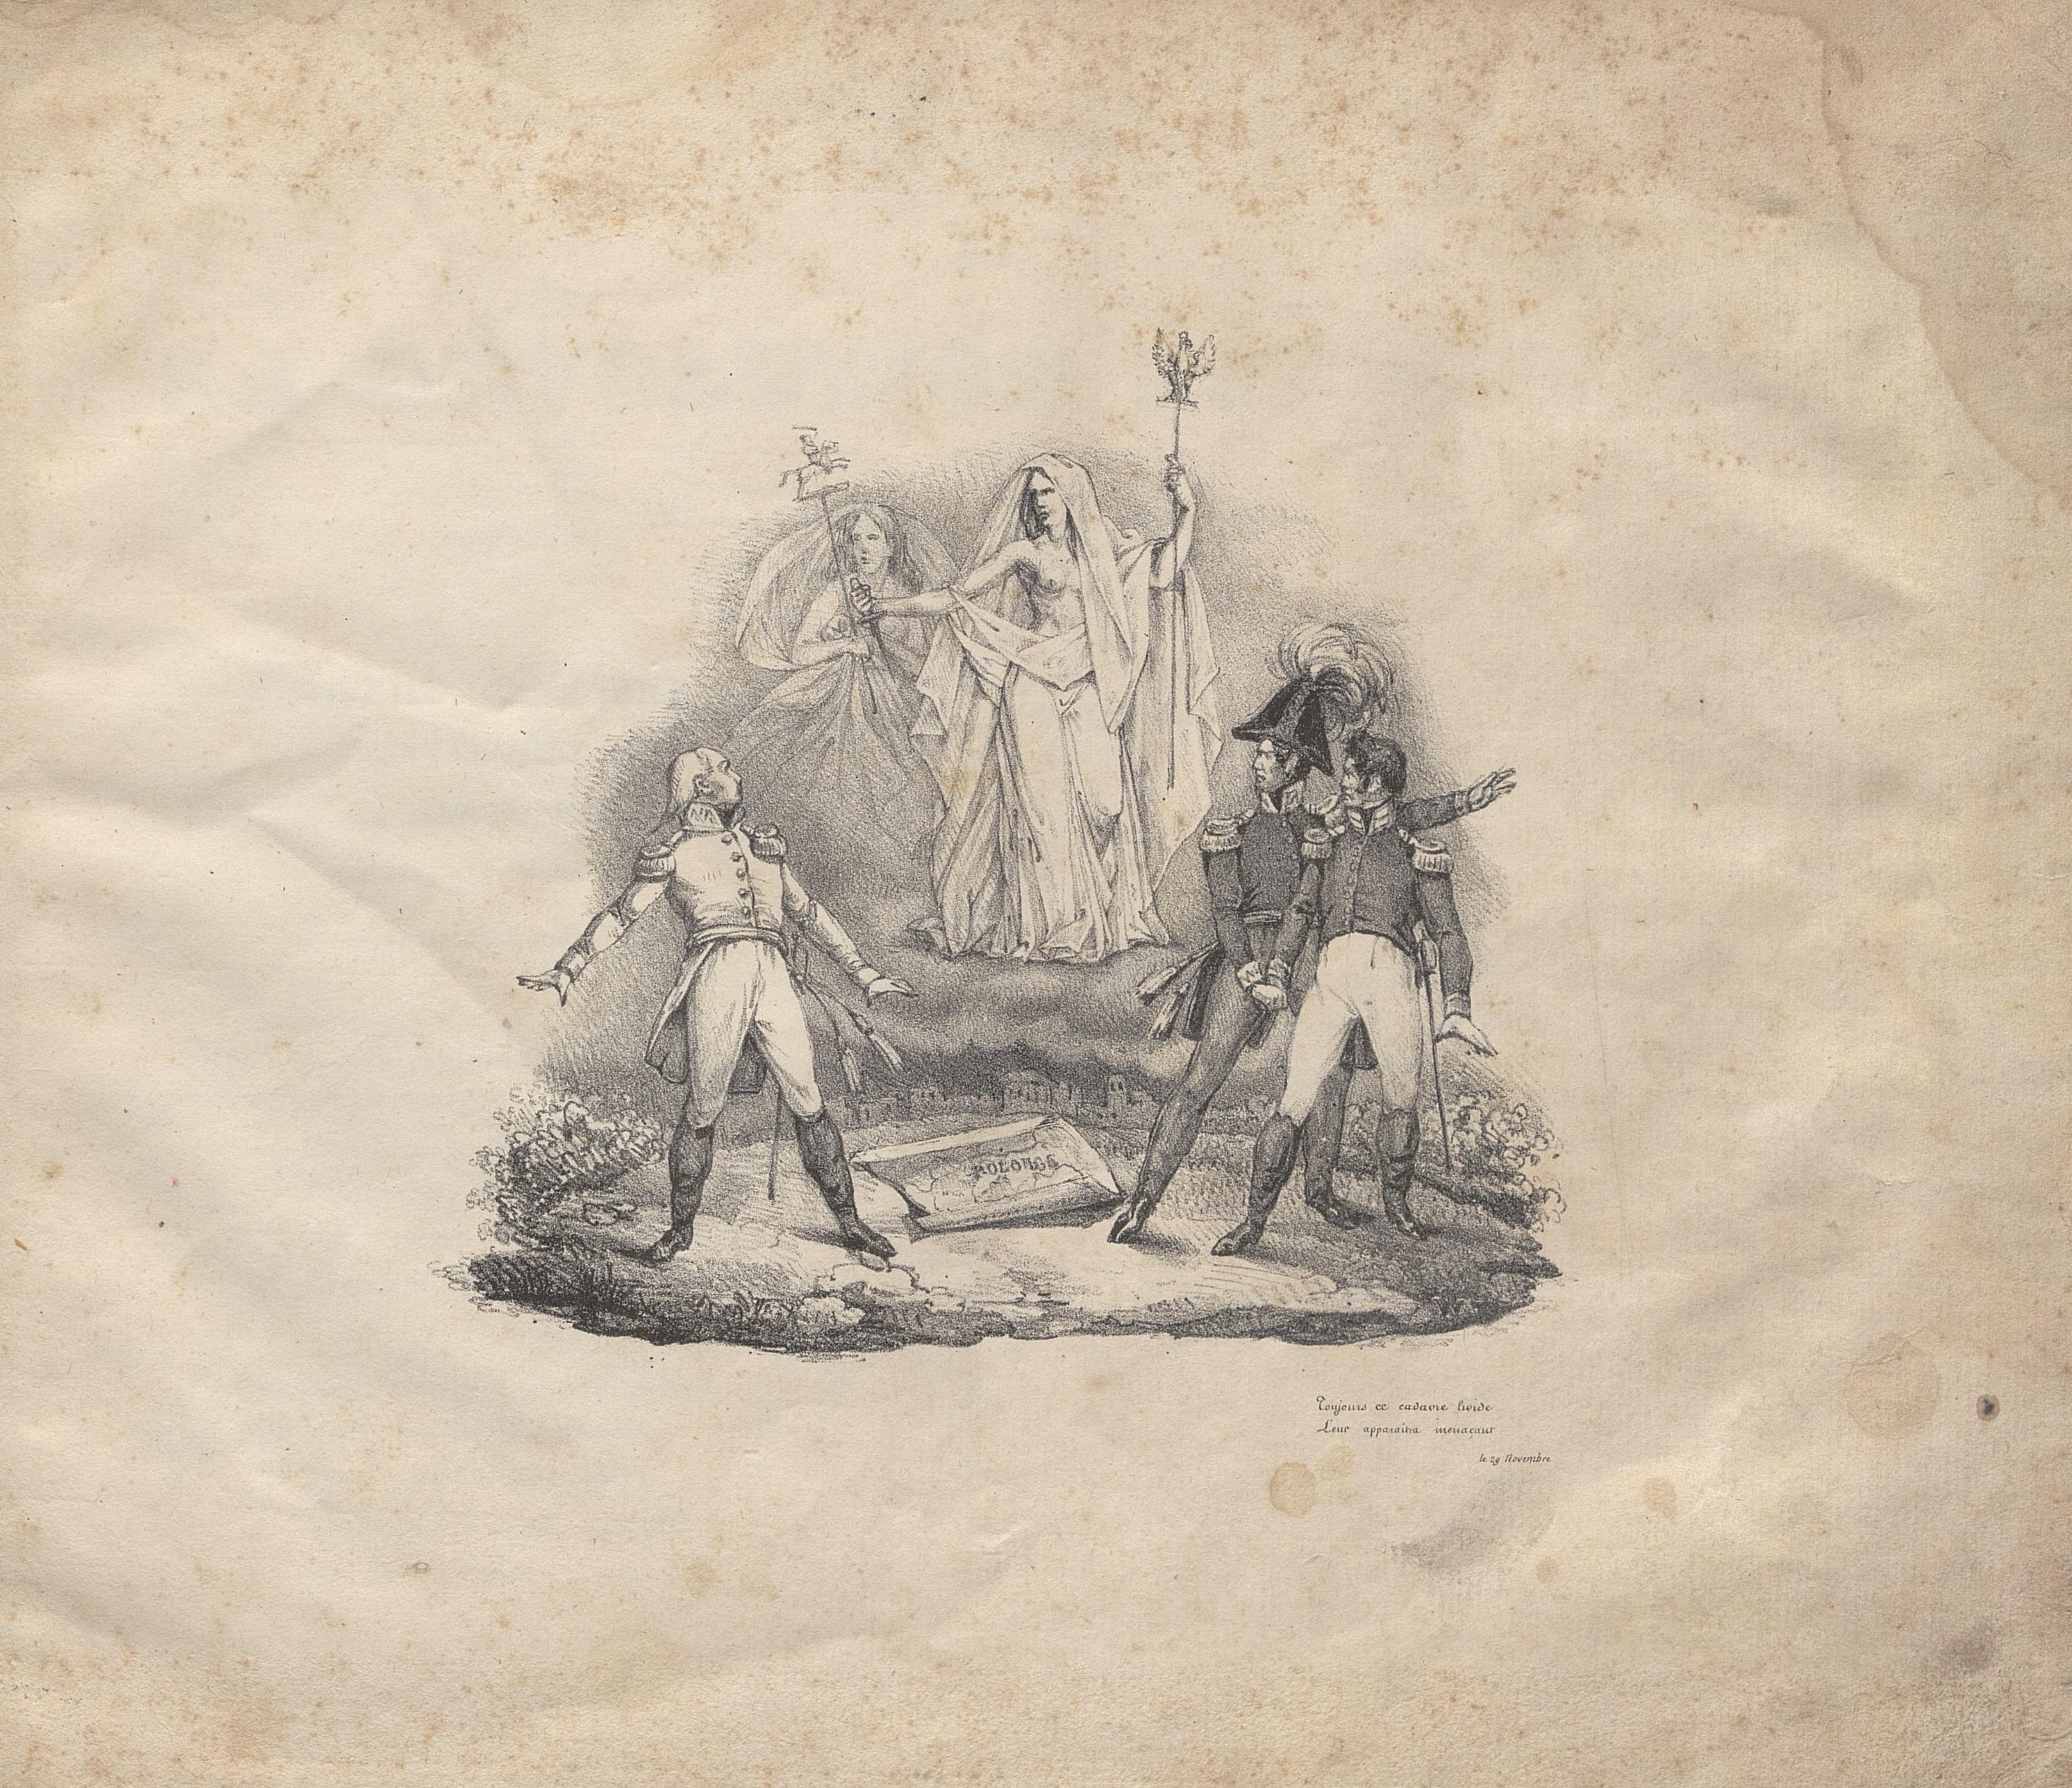 Ilustracja 2. Wojciech (Albert) Sowiński, <i>Chants de la révolution polonaise</i>, Louis Lemaître, Paryż ok. 1833, s. 3, Biblioteka cyfrowa Polona, BJ Muz. 7710 II